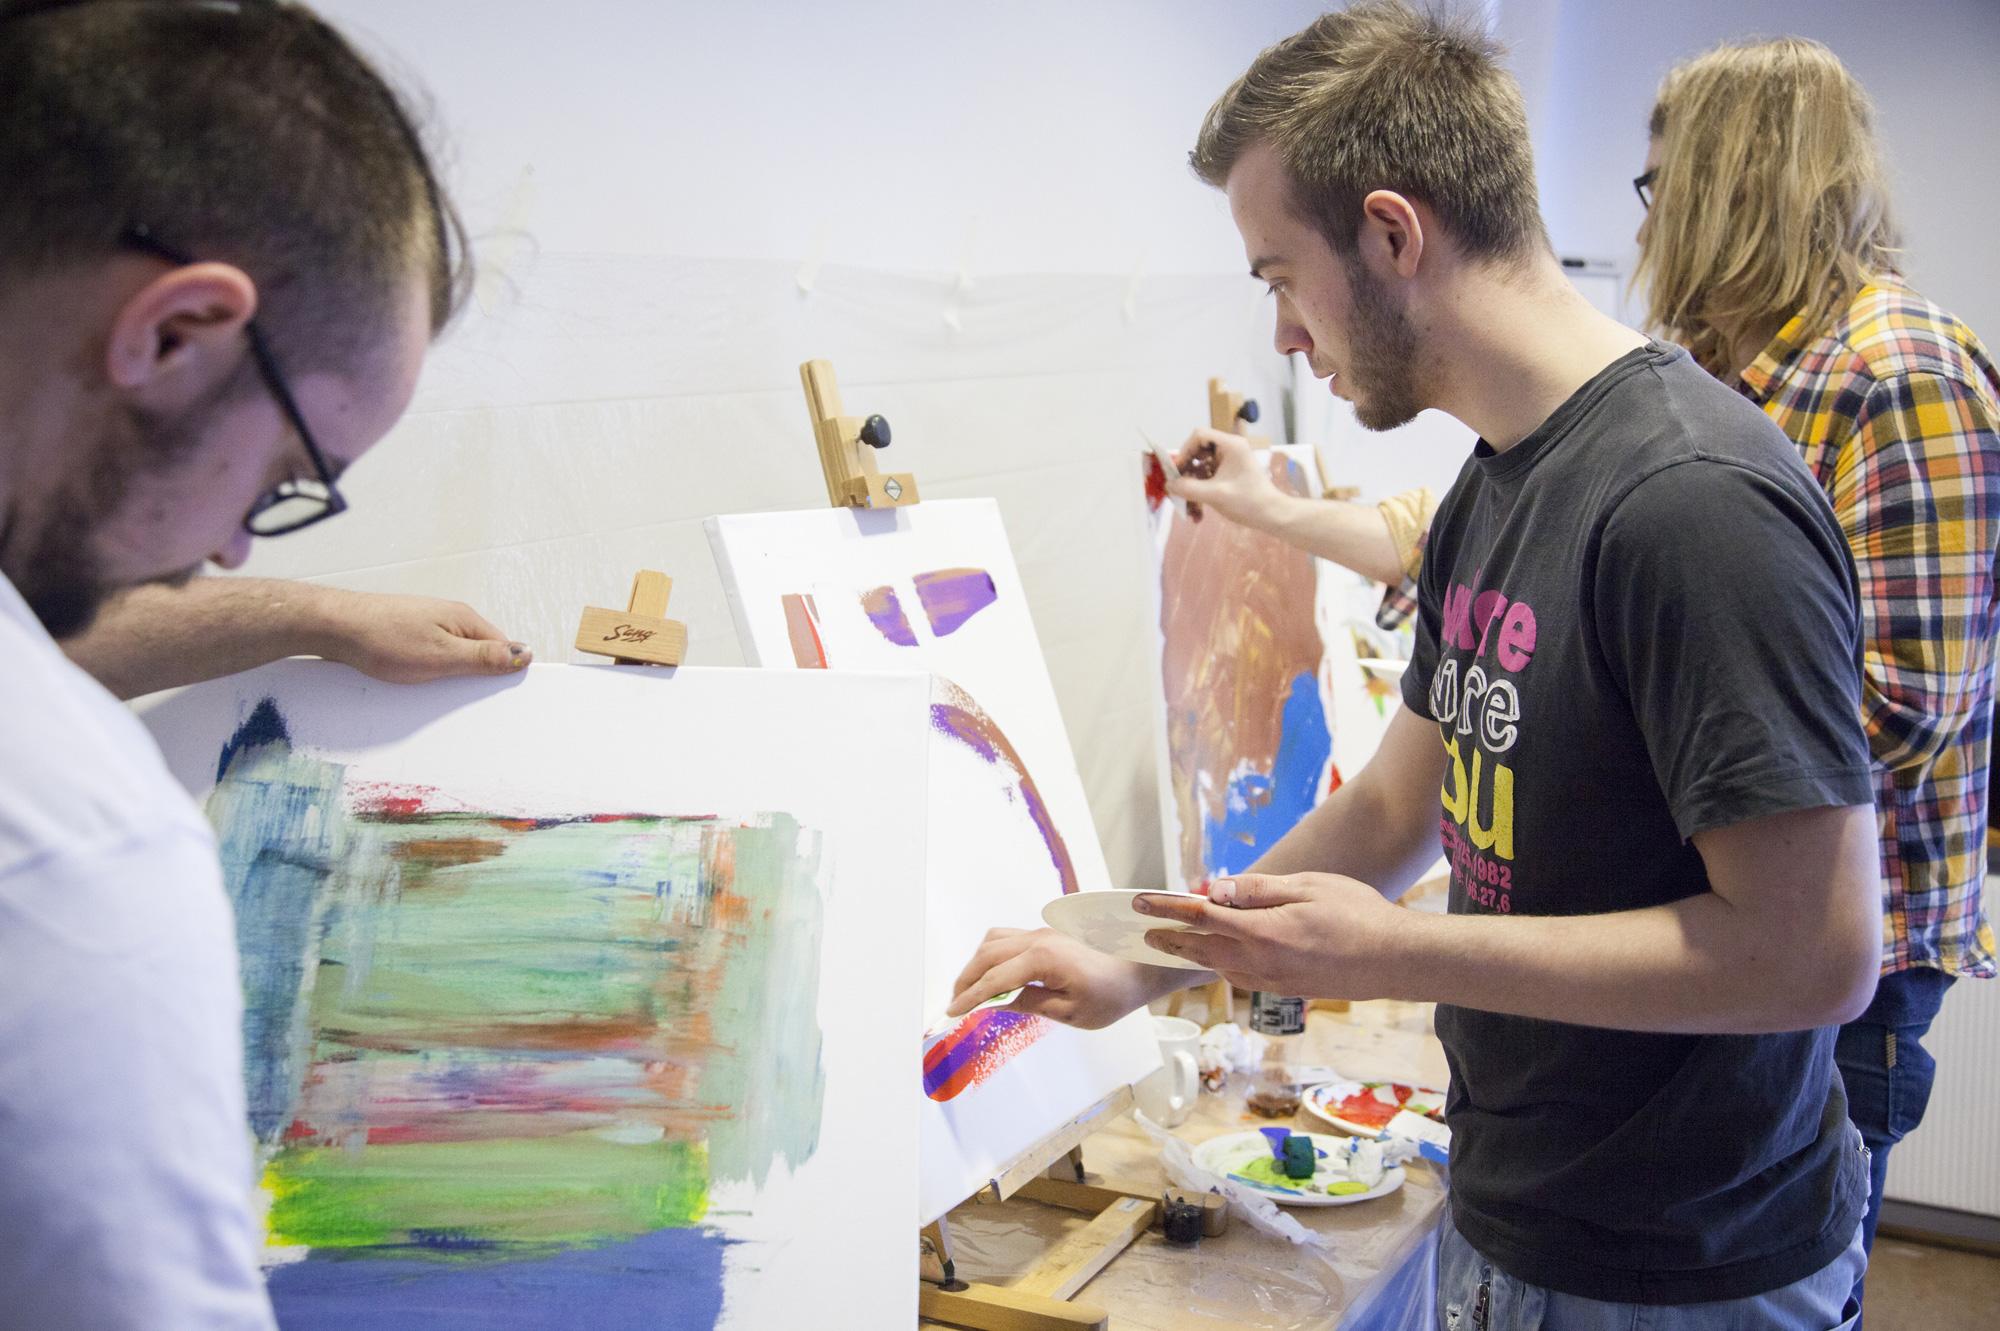 Smeder- og trebåtbyggerlærlinger i felles forståelse for kreativ utfoldelse. Dette skaper samhørighet, noe som er viktig siden opplæringen gjerne foregår i små miljøer.